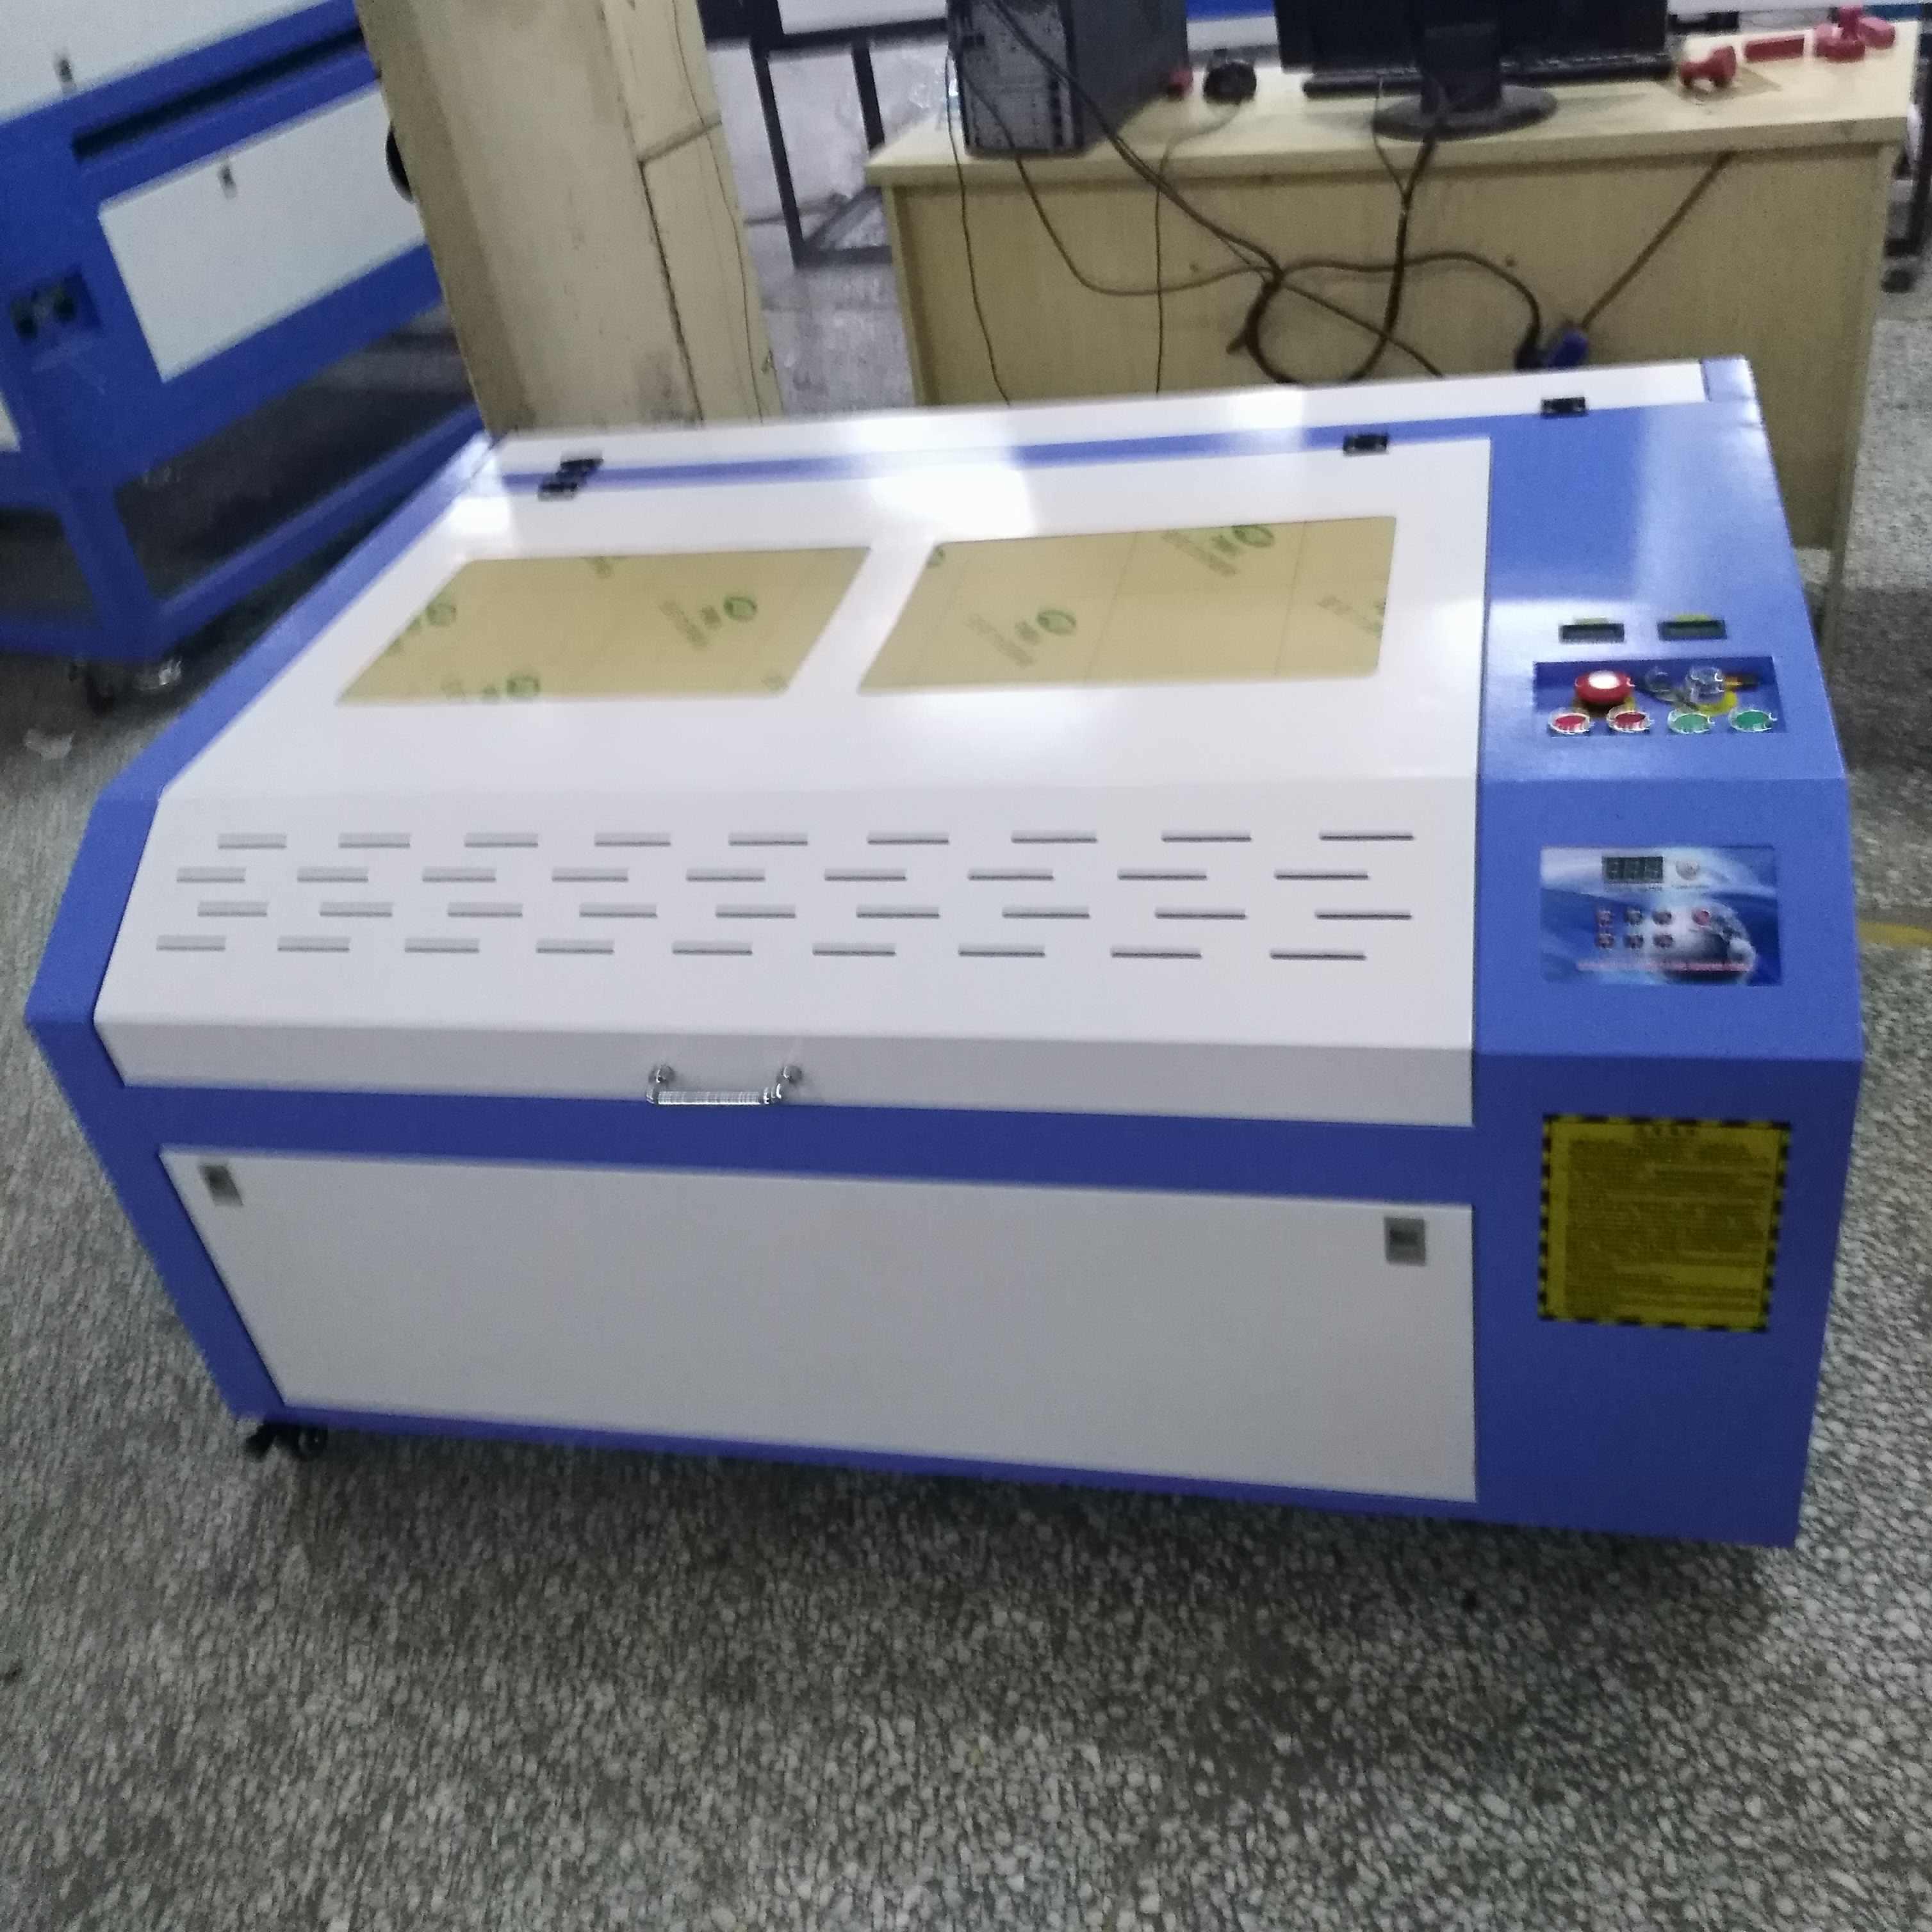 ¡OFERTA 2019! máquina de grabado y corte láser 80W 6090 envío gratis a Rusia, impuestos y aranceles aduaneros